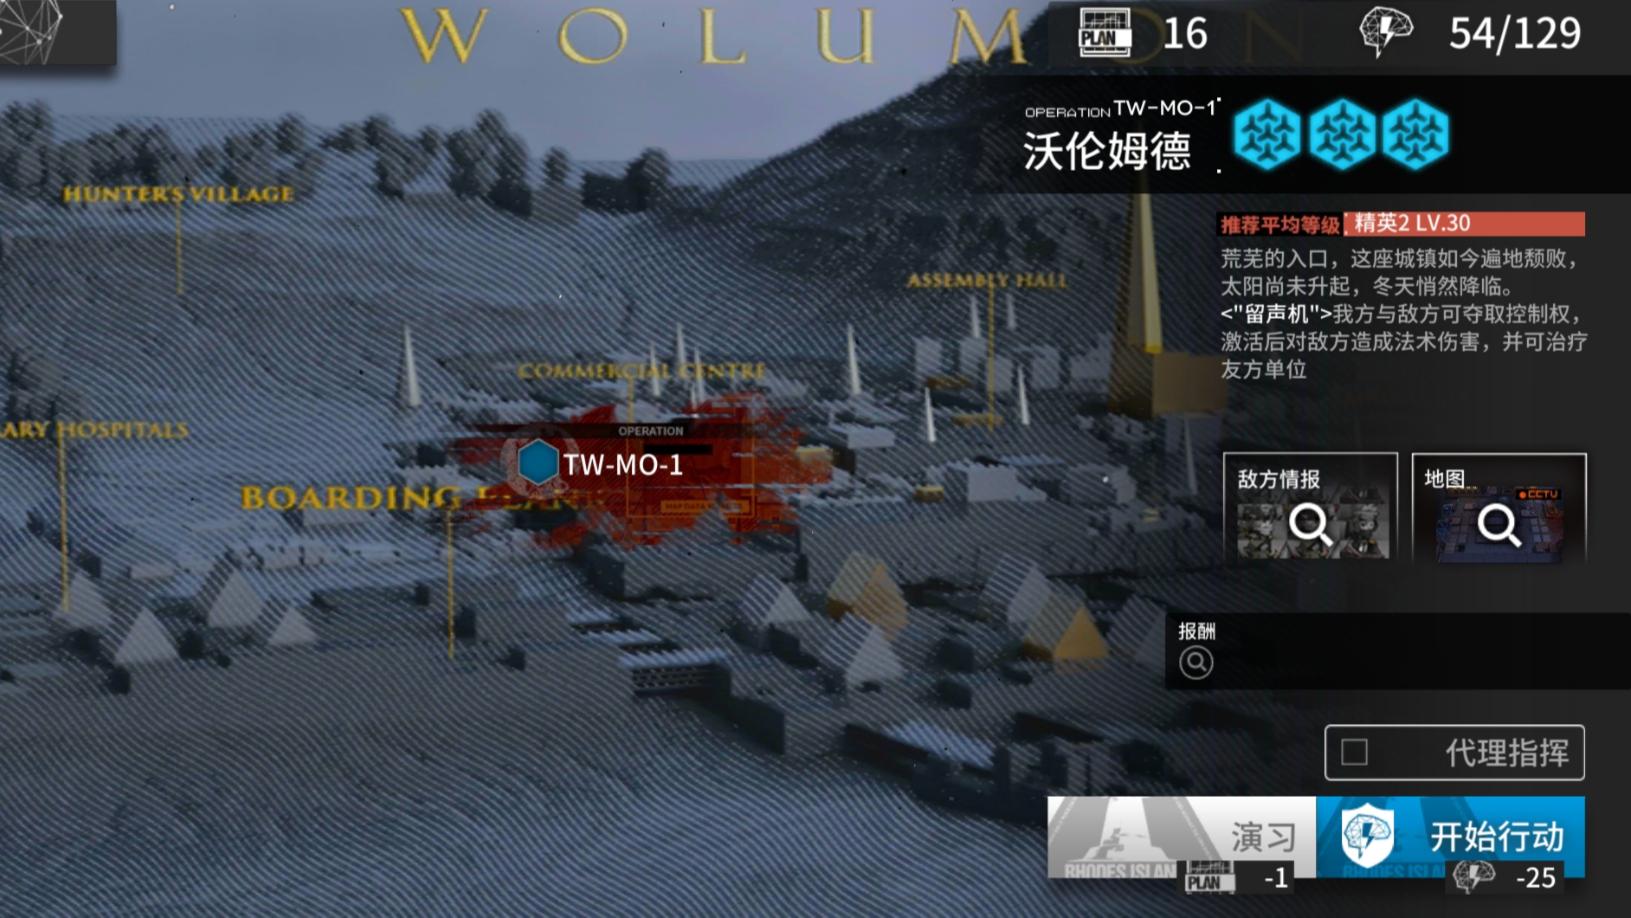 【明日方舟】沃伦姆德的薄暮TW-MO-1中等配置8人无脑打法